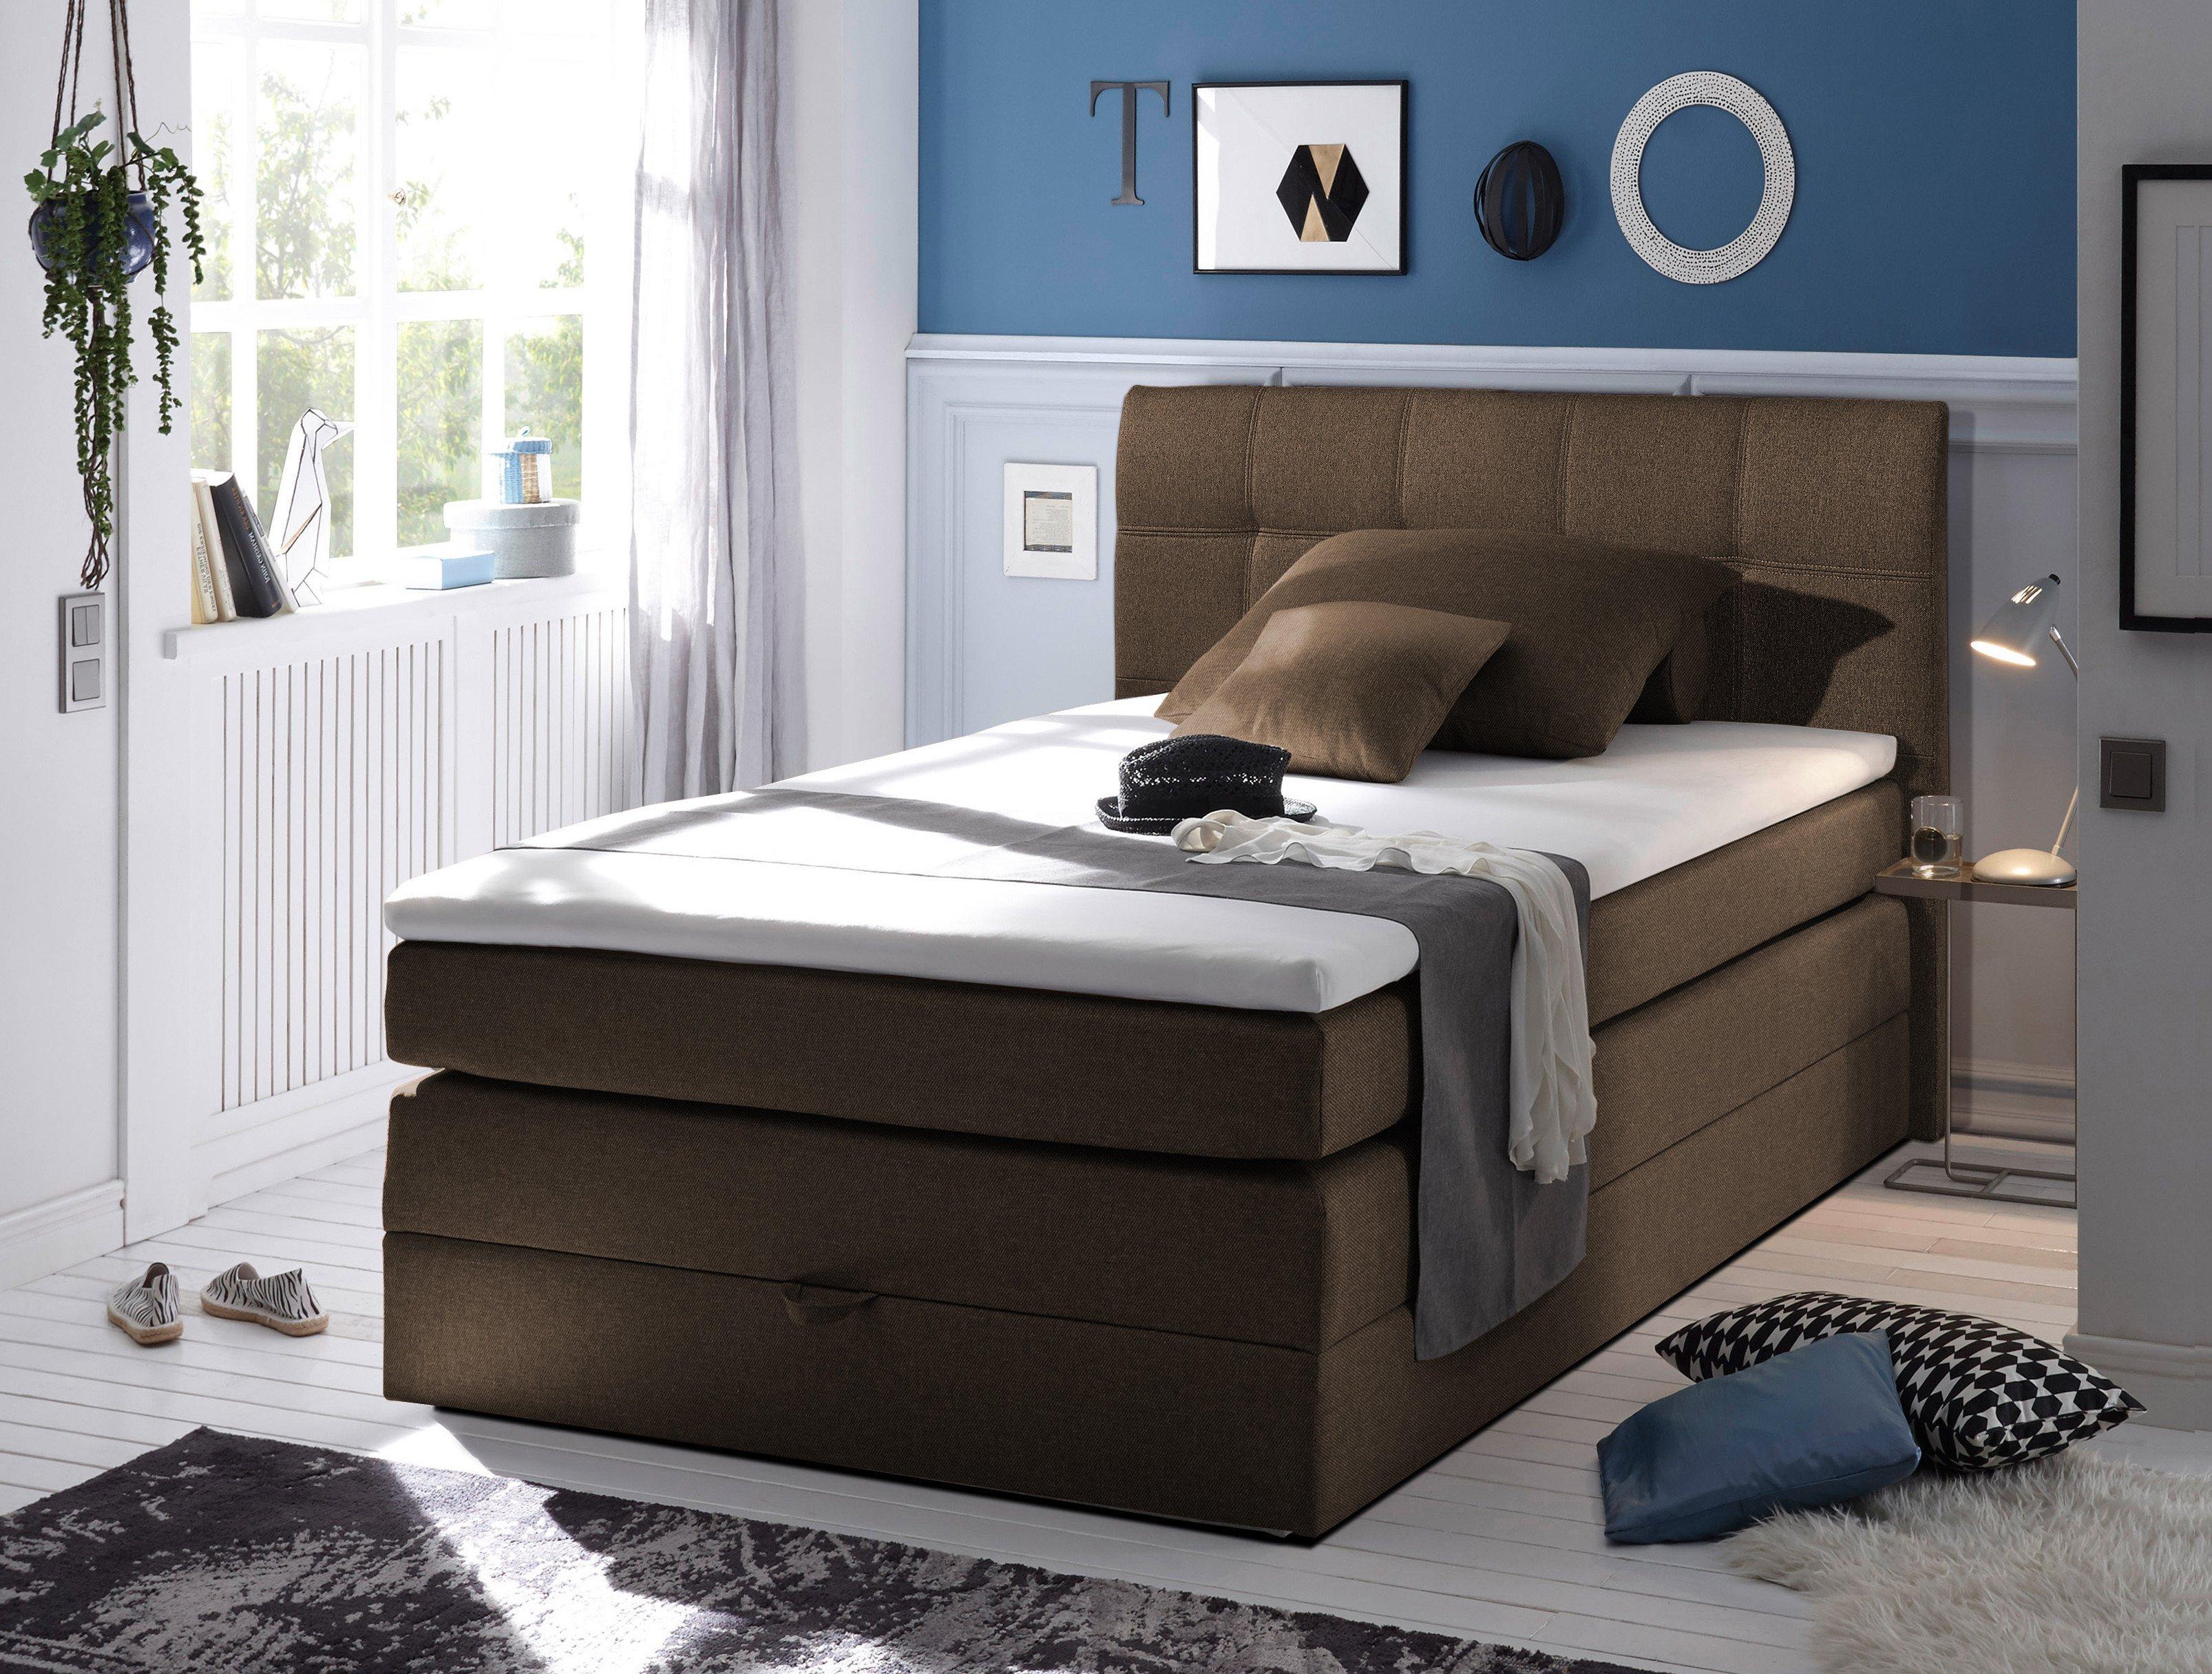 boxspringbett new bedford gertrud black red white in braun mit bettkasten m bel letz ihr. Black Bedroom Furniture Sets. Home Design Ideas